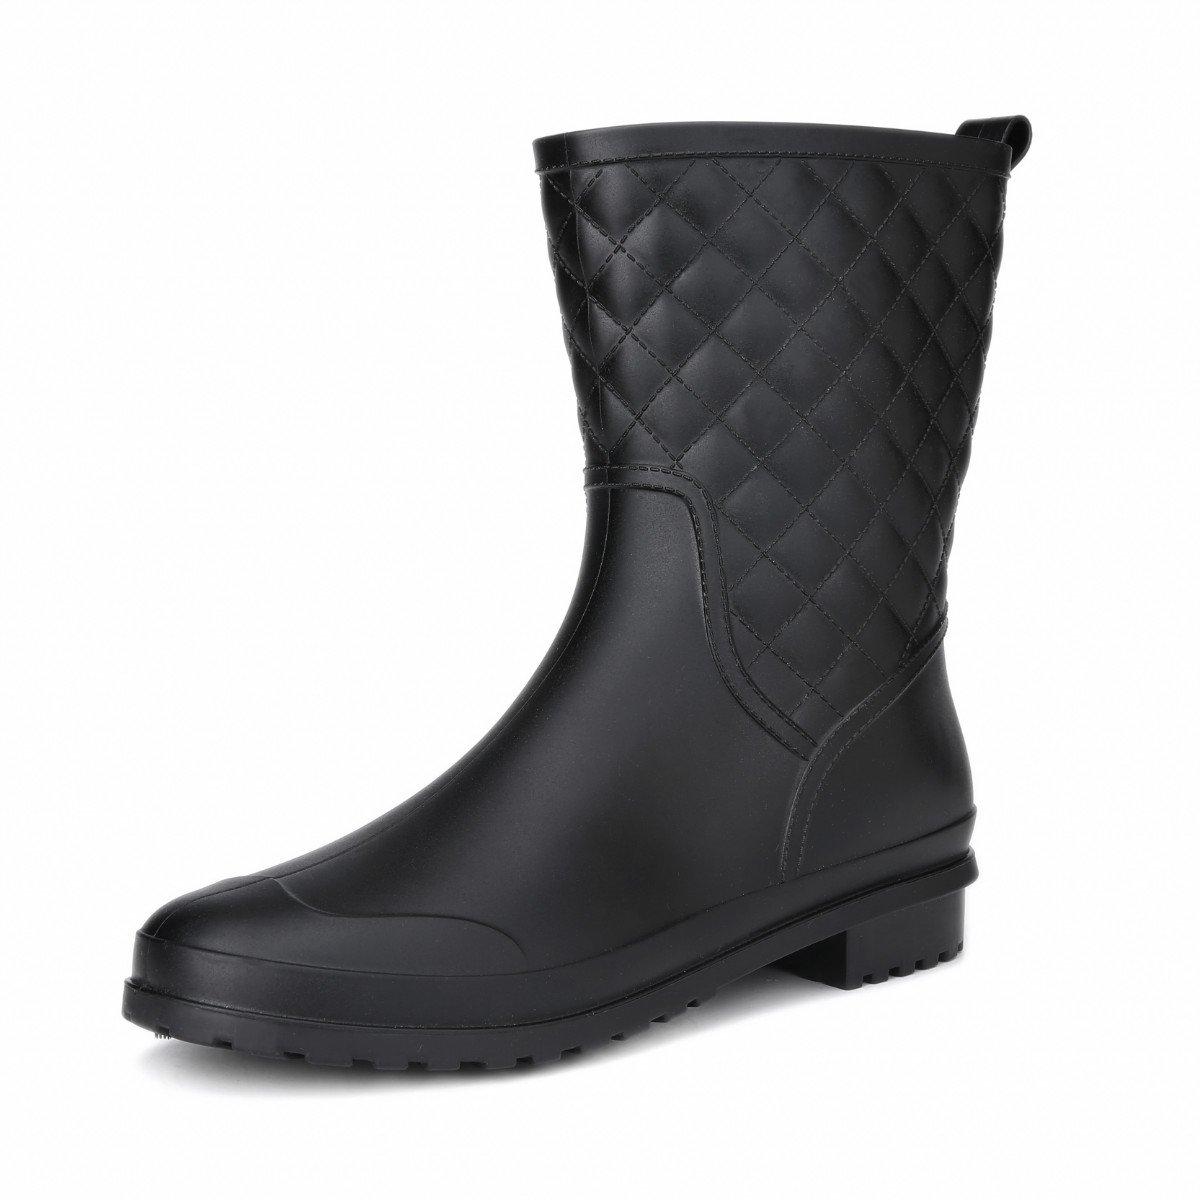 Rainy Show Block Heel Rain Boots for Women by Fashion Rain Shoe